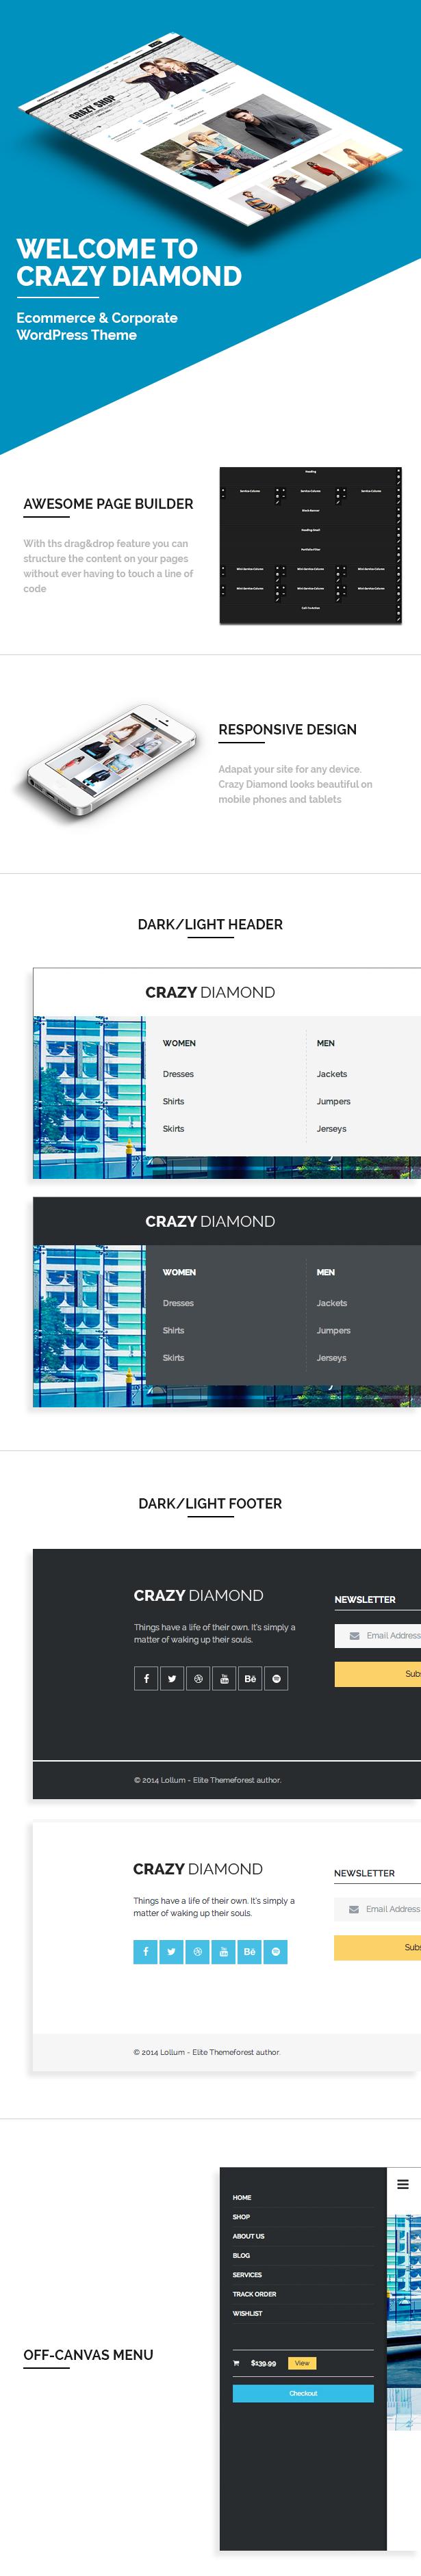 Crazy Diamond - Ecommerce & Corporate Theme - 31